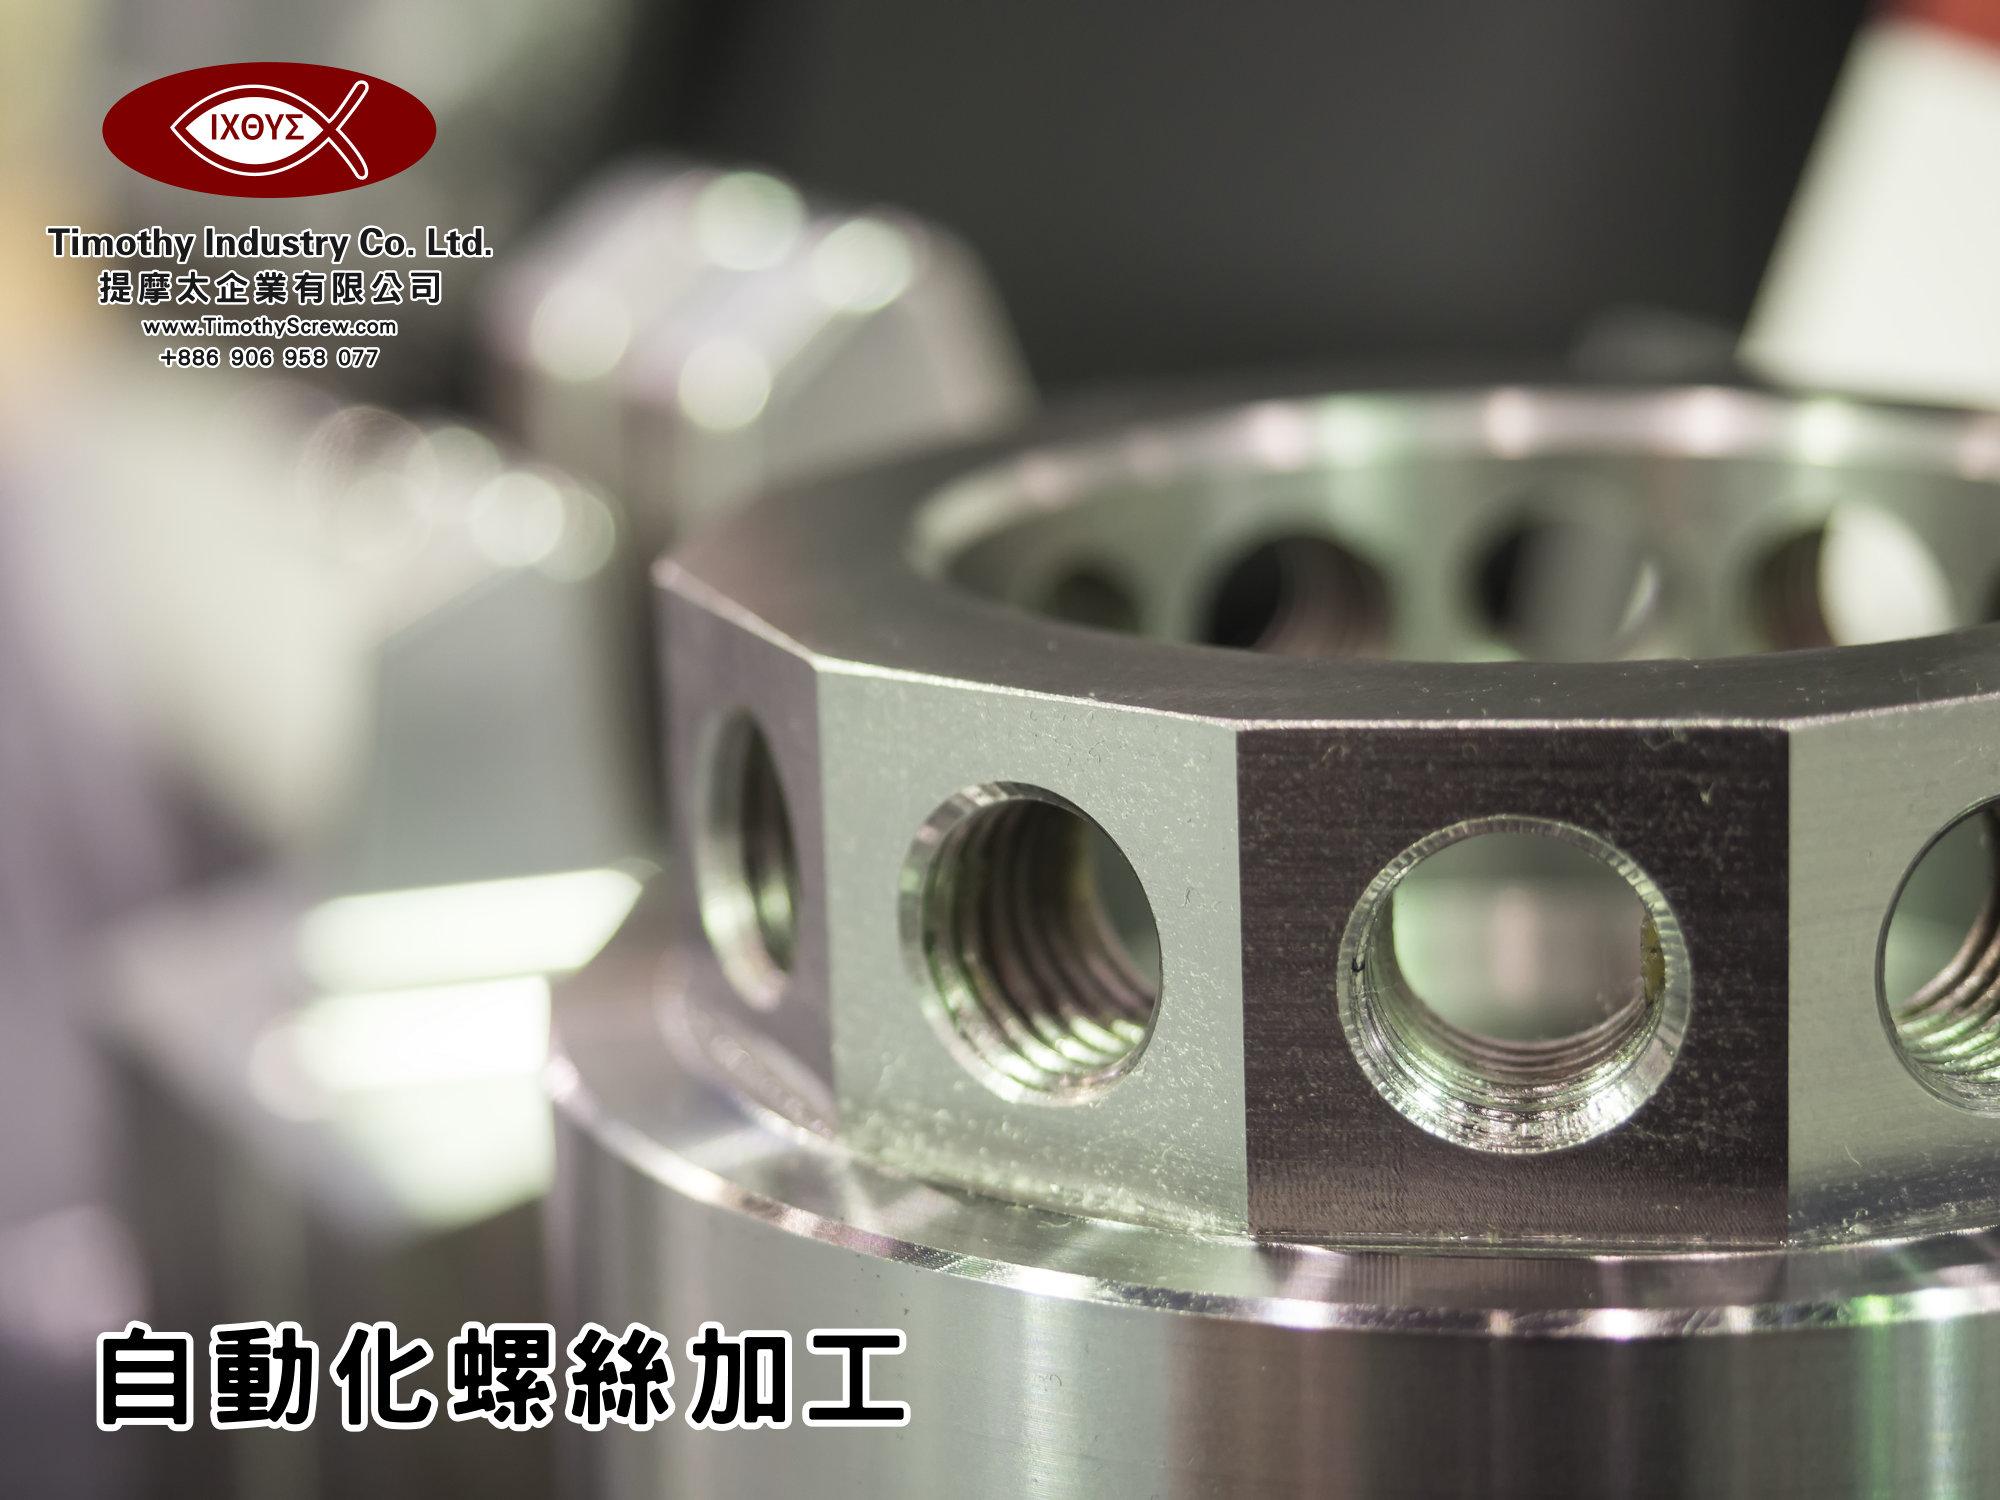 提摩太企業有限公司 Timothy Industry Co Ltd 自動化螺絲加工 車床部 銑床部 台灣自動化螺絲加工 螺絲製造 A09